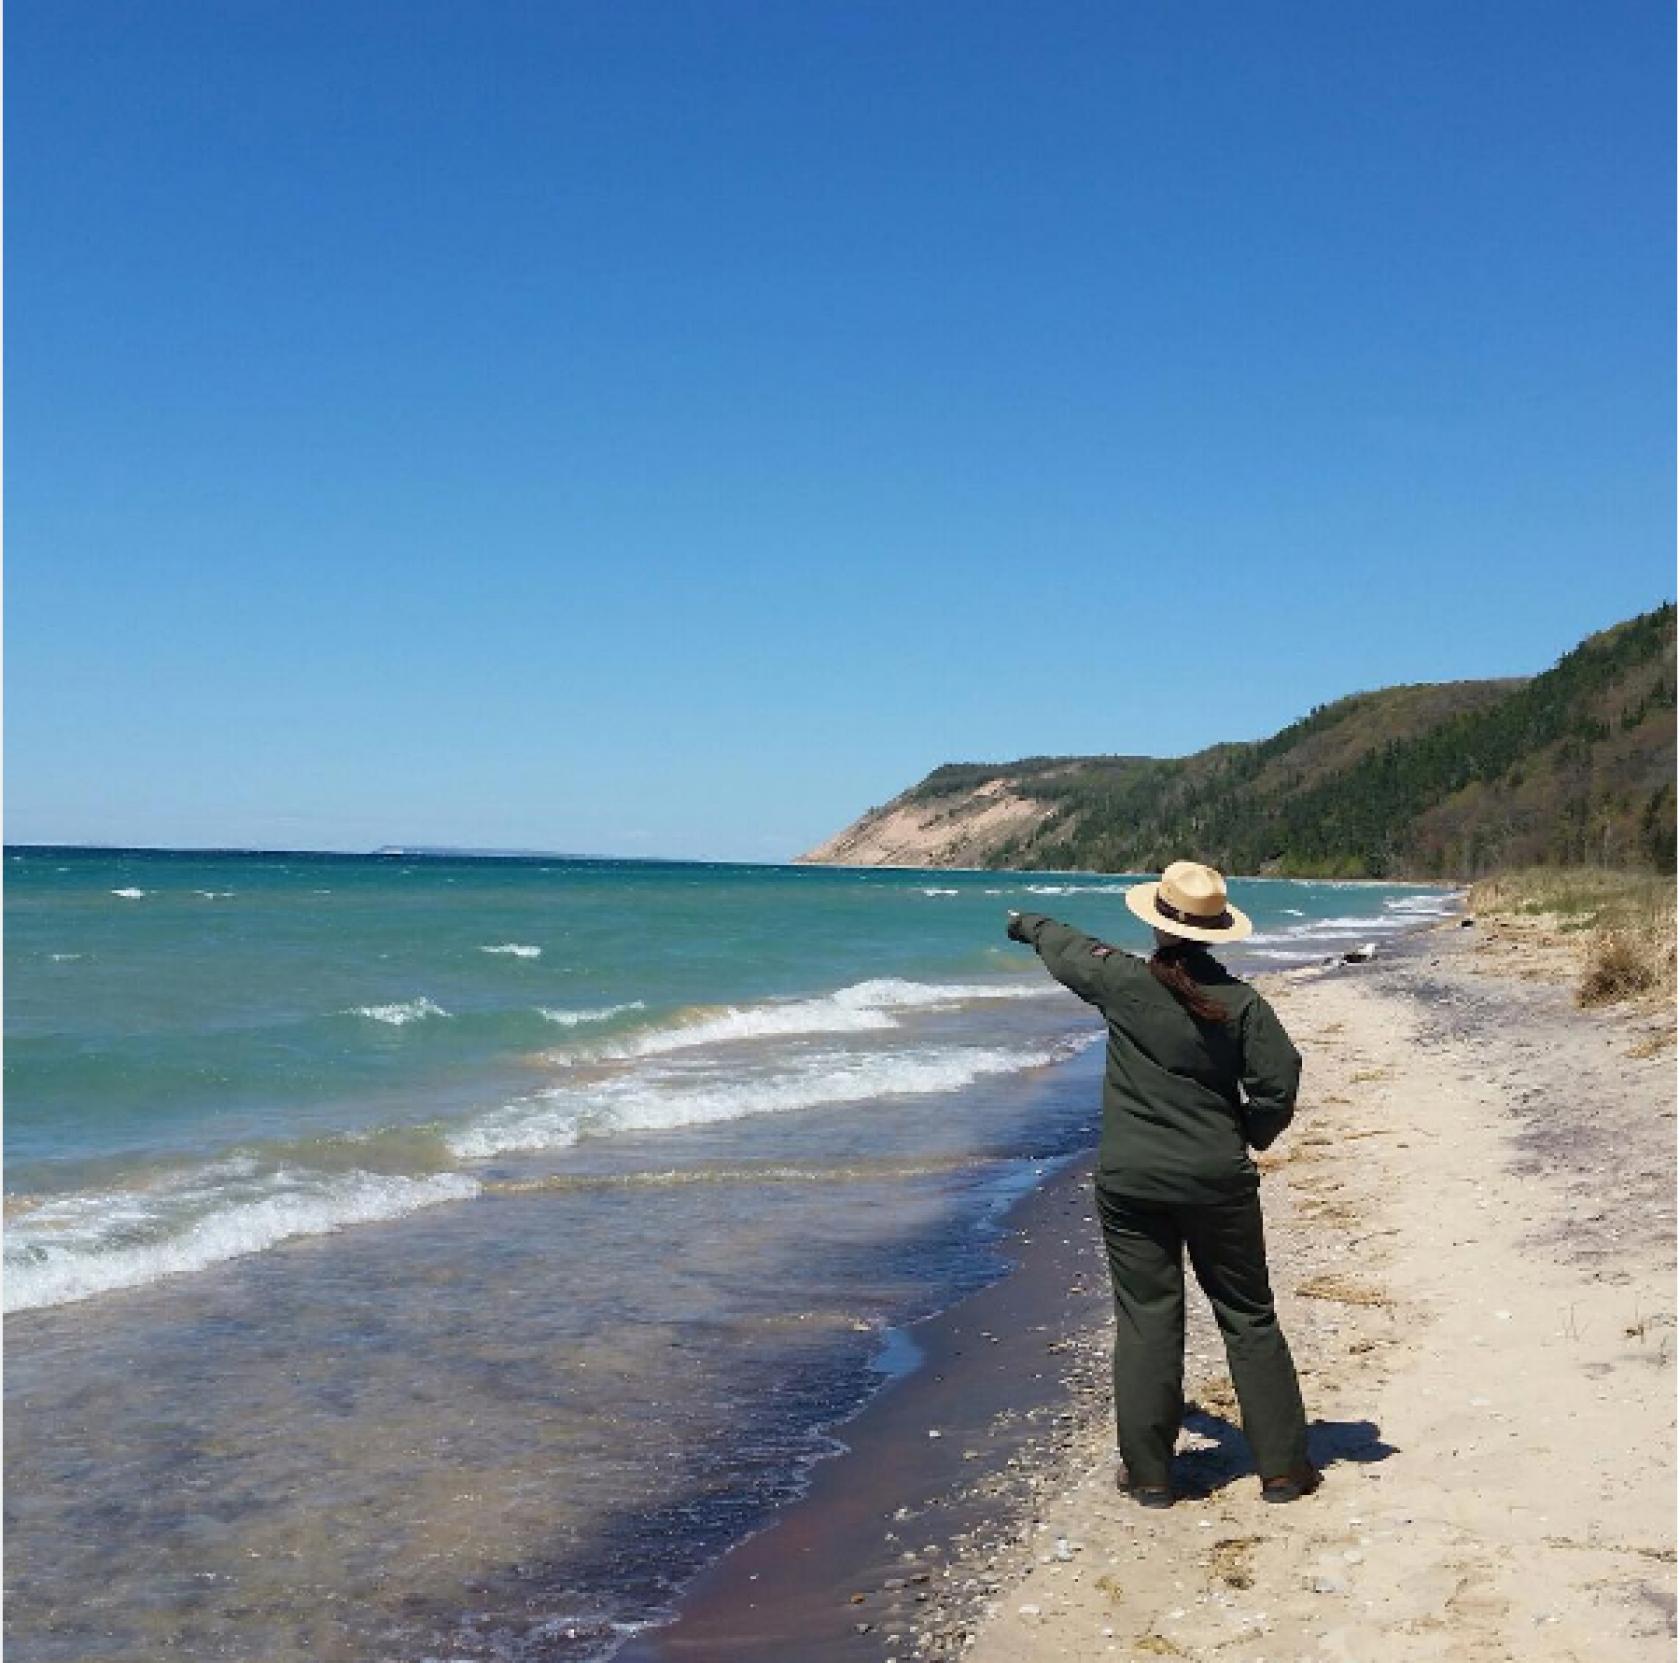 Guarda del parque que señala en las orillas del lago Michigan y las dunas en el Parque Nacional de dormir oso